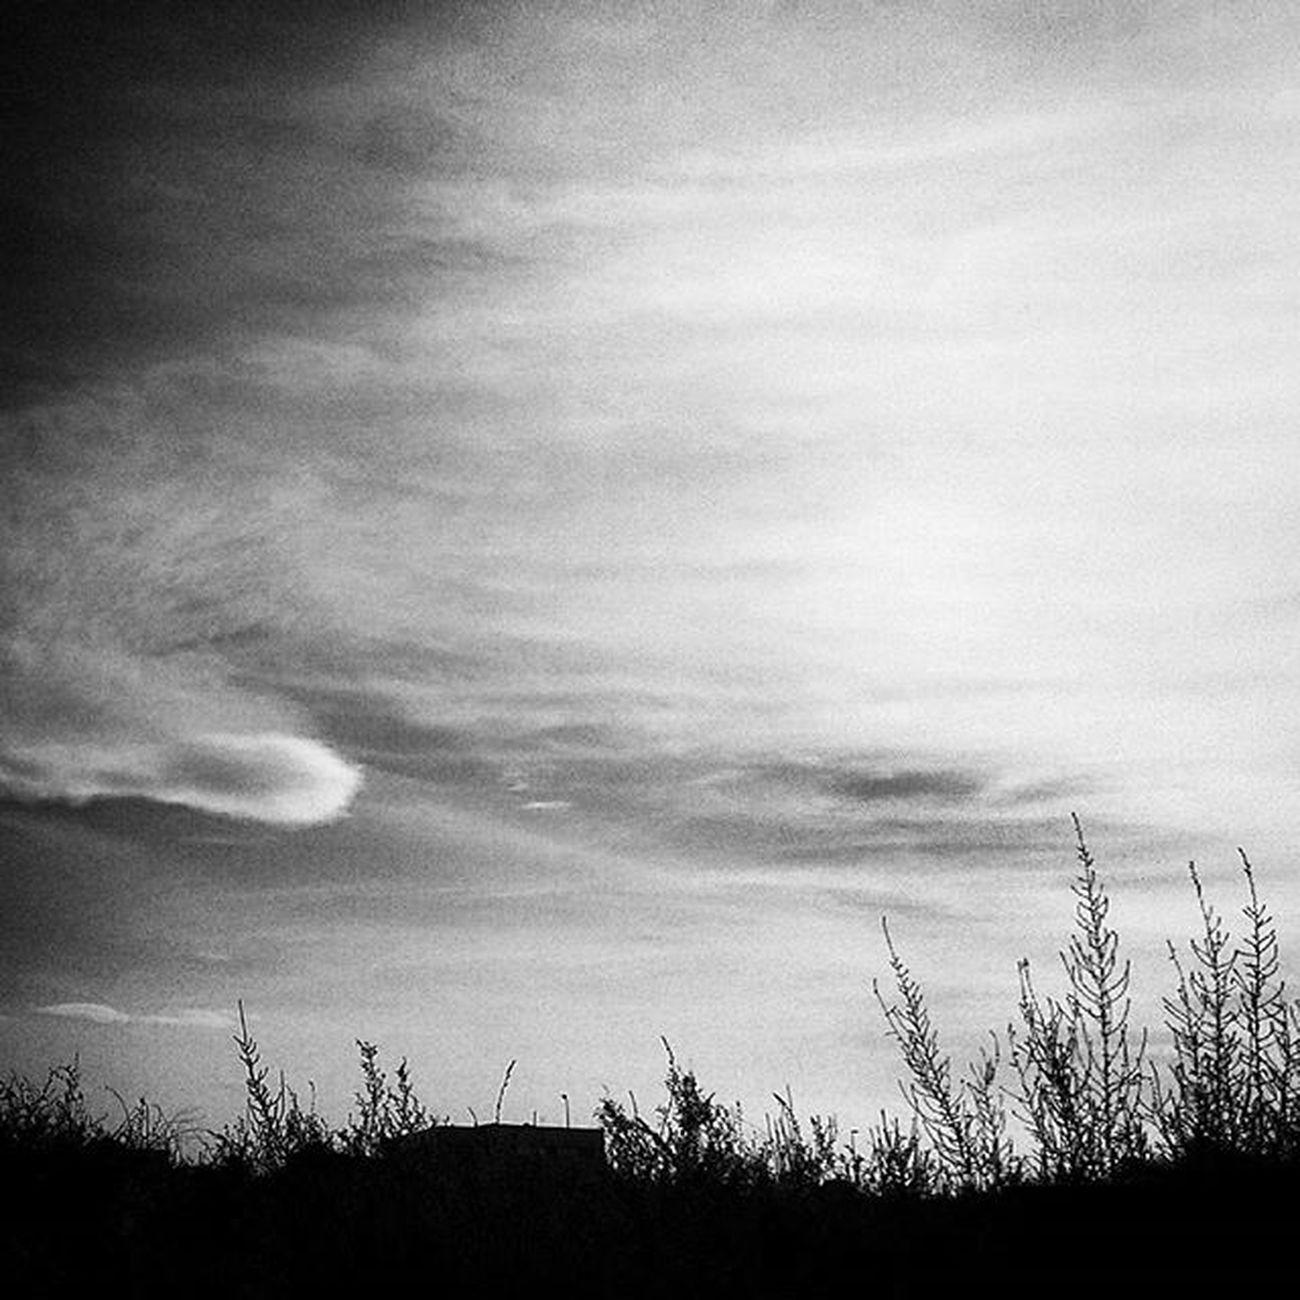 En un planeta extraño. Paisaje Landscape Inscape Mindscape psiconauta psychonaut nomada